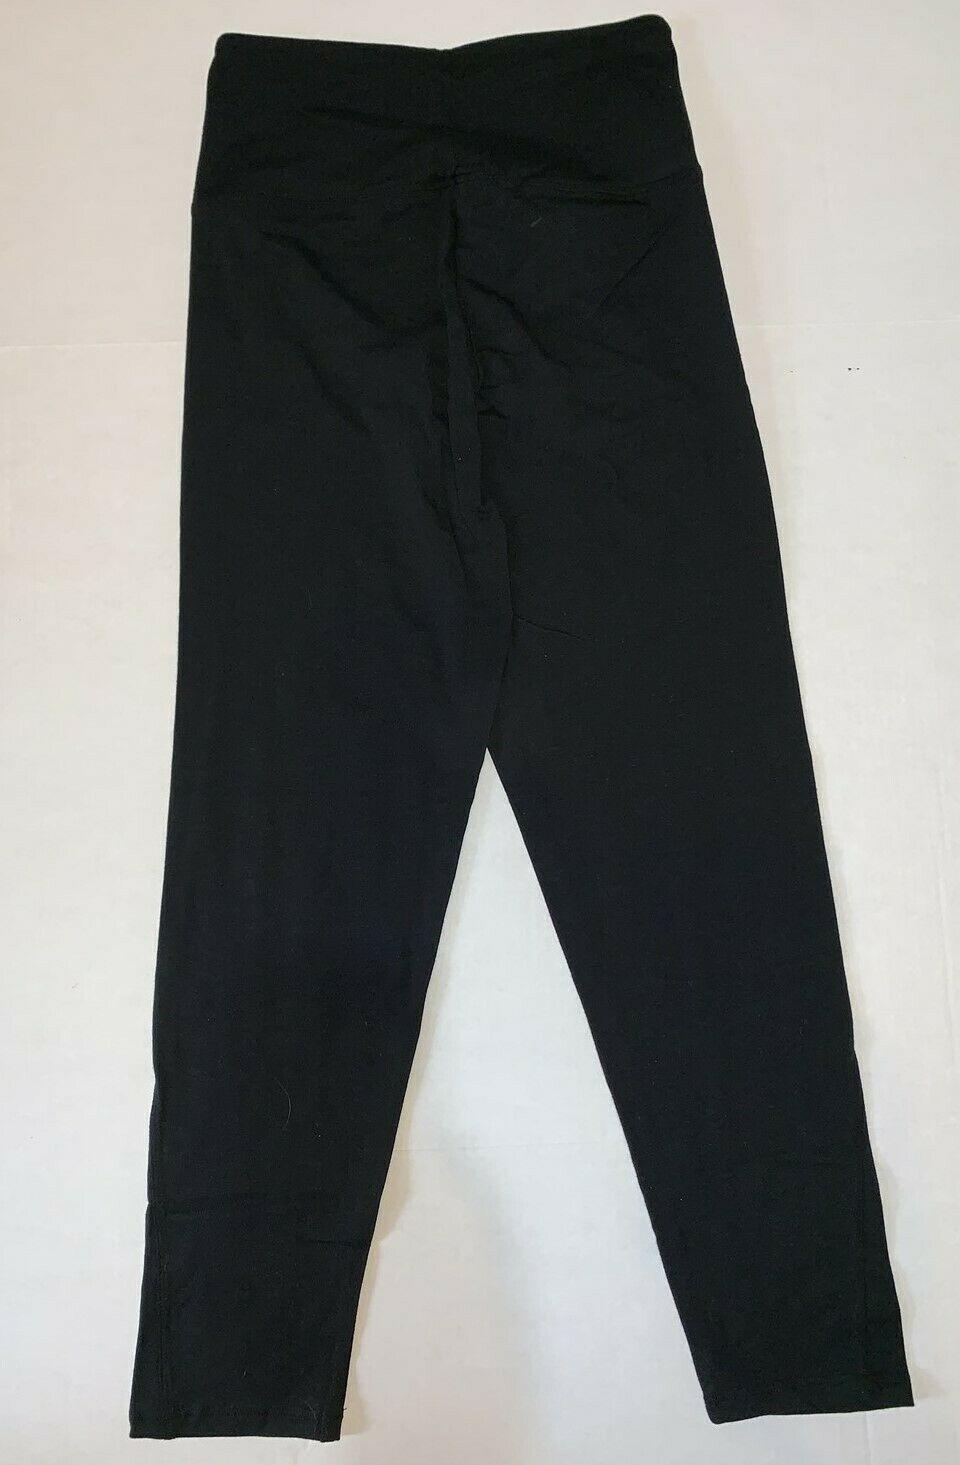 Victoria's Secret PINK Black Yoga Pants Medium